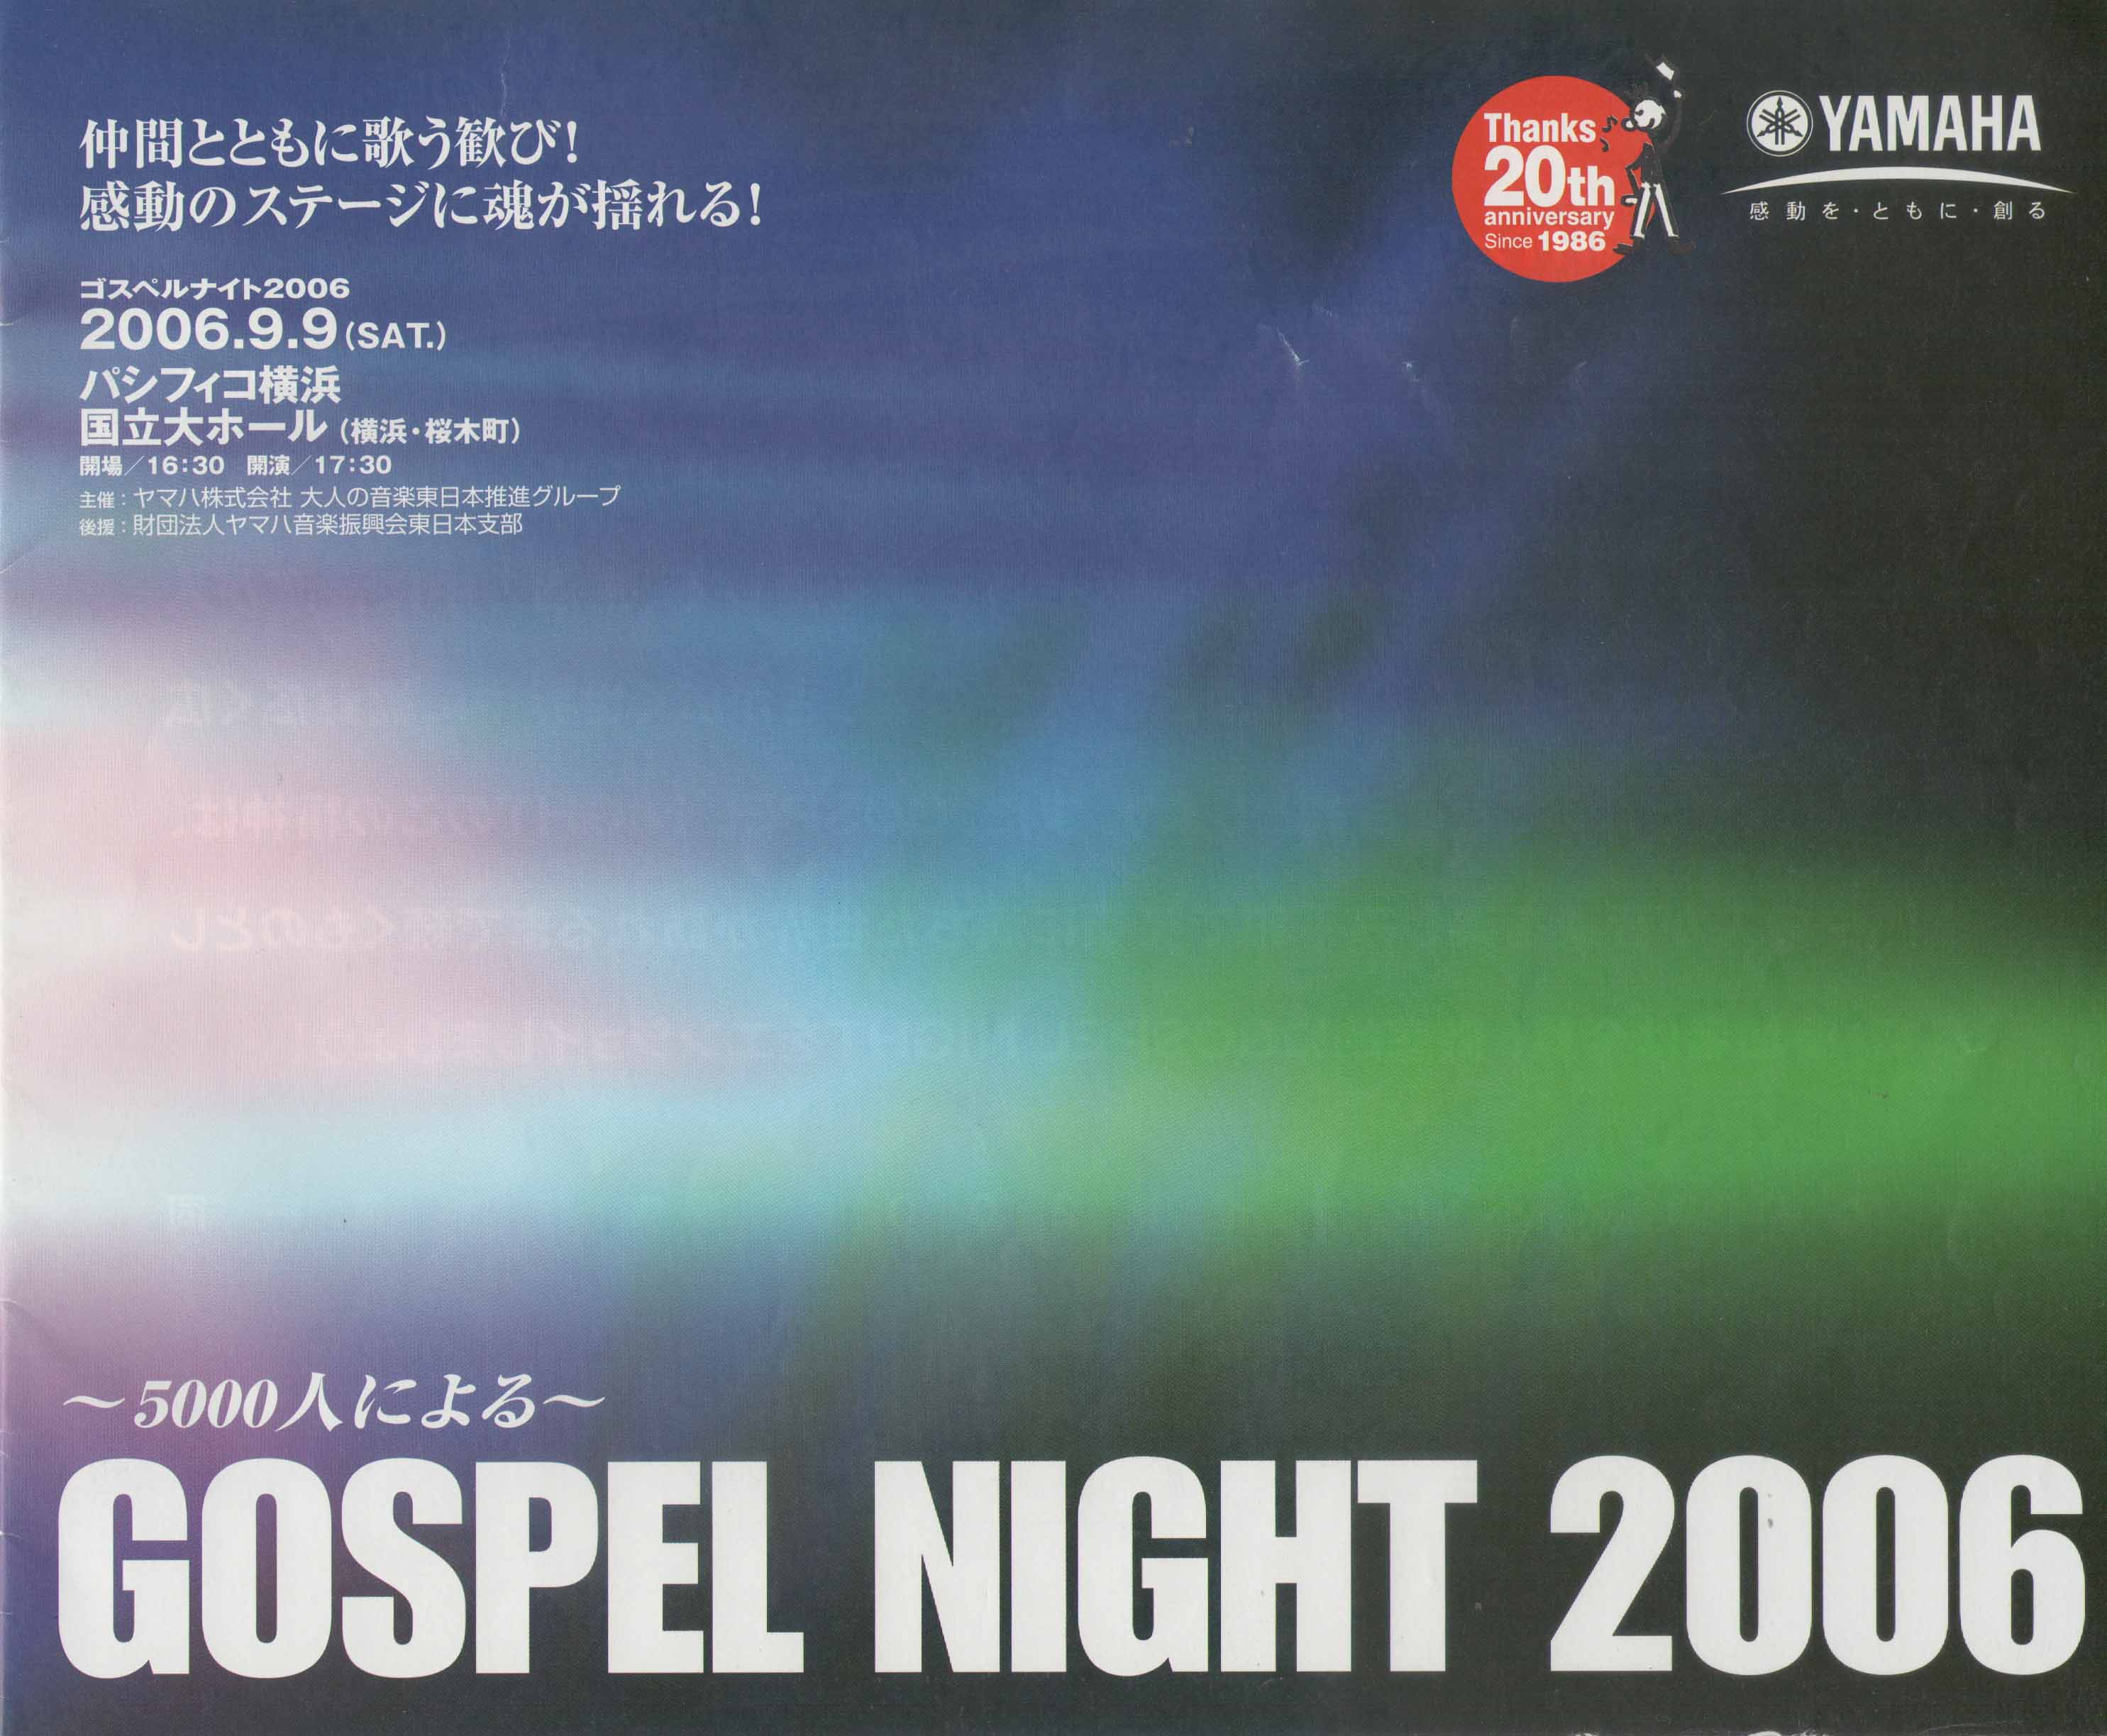 Gosnai2006